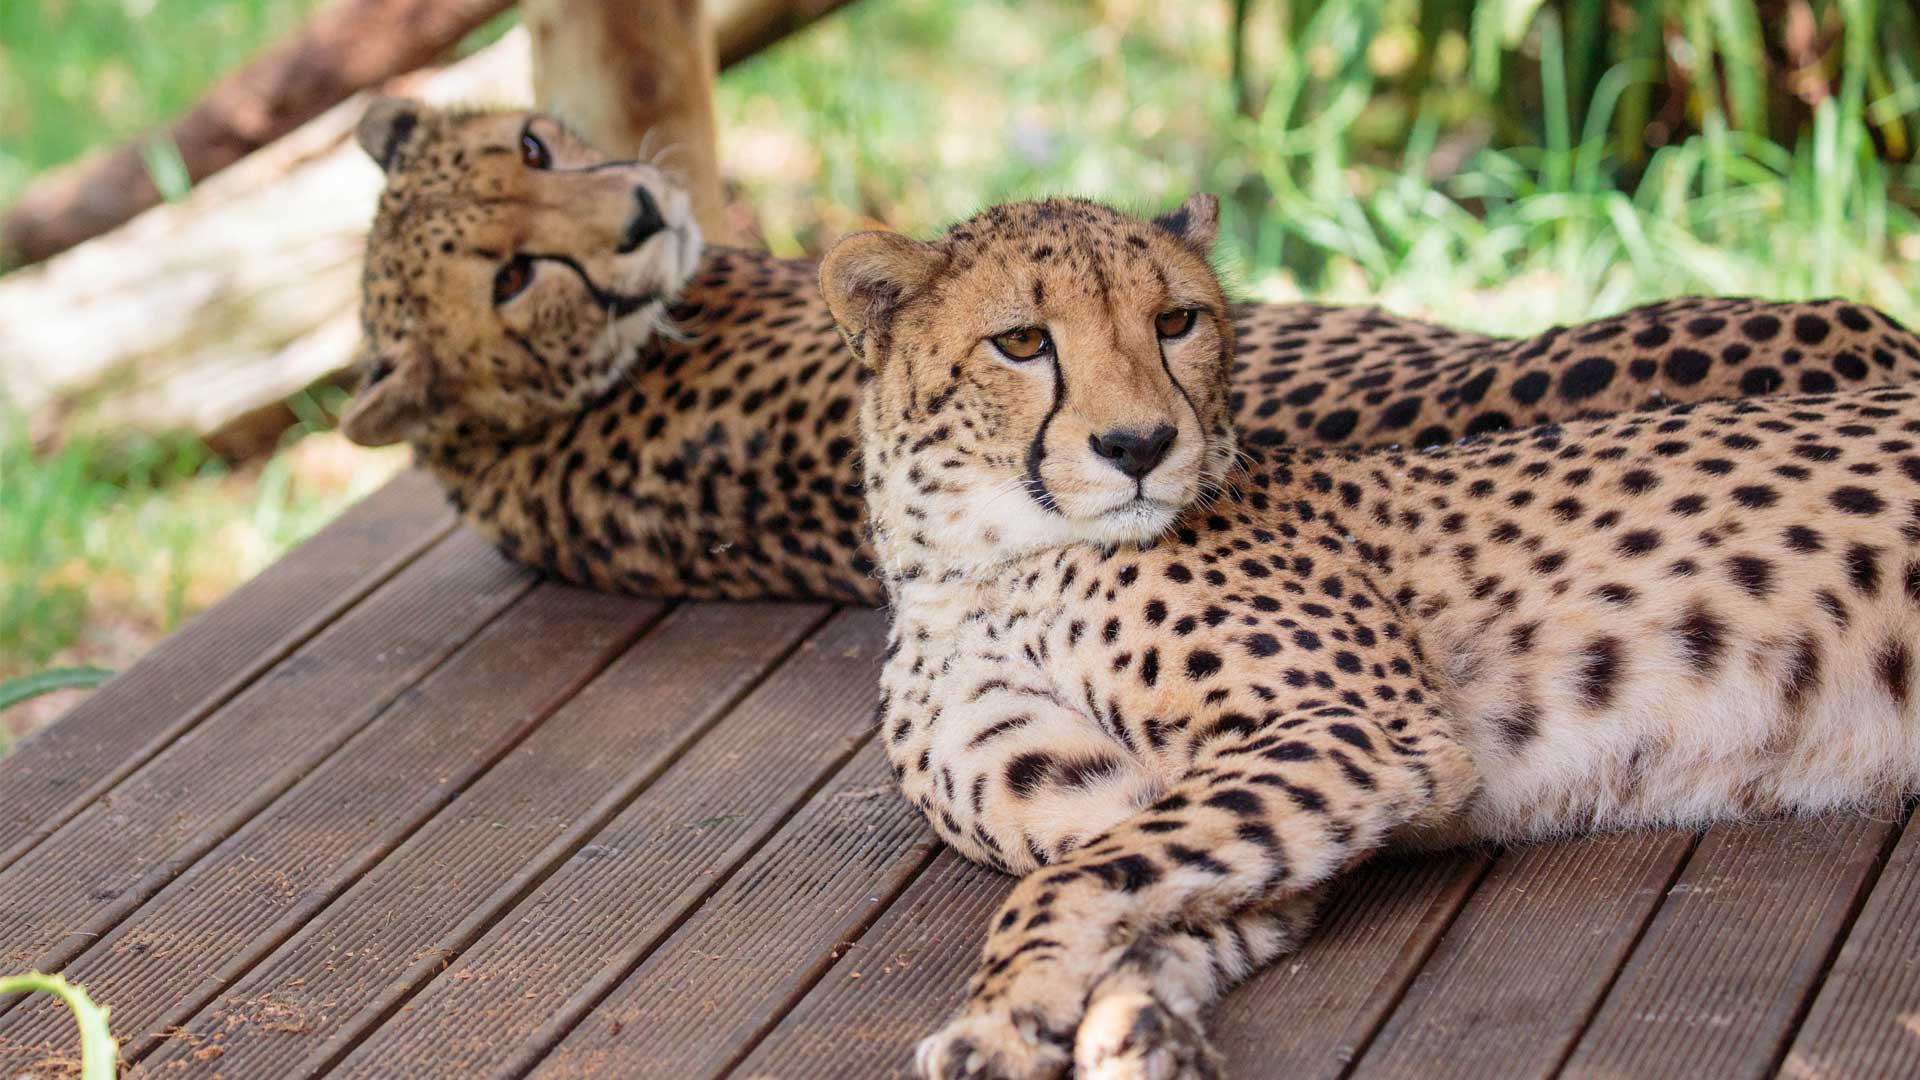 https://rfacdn.nz/zoo/assets/media/cheetah-girls-update-gallery-7.jpg